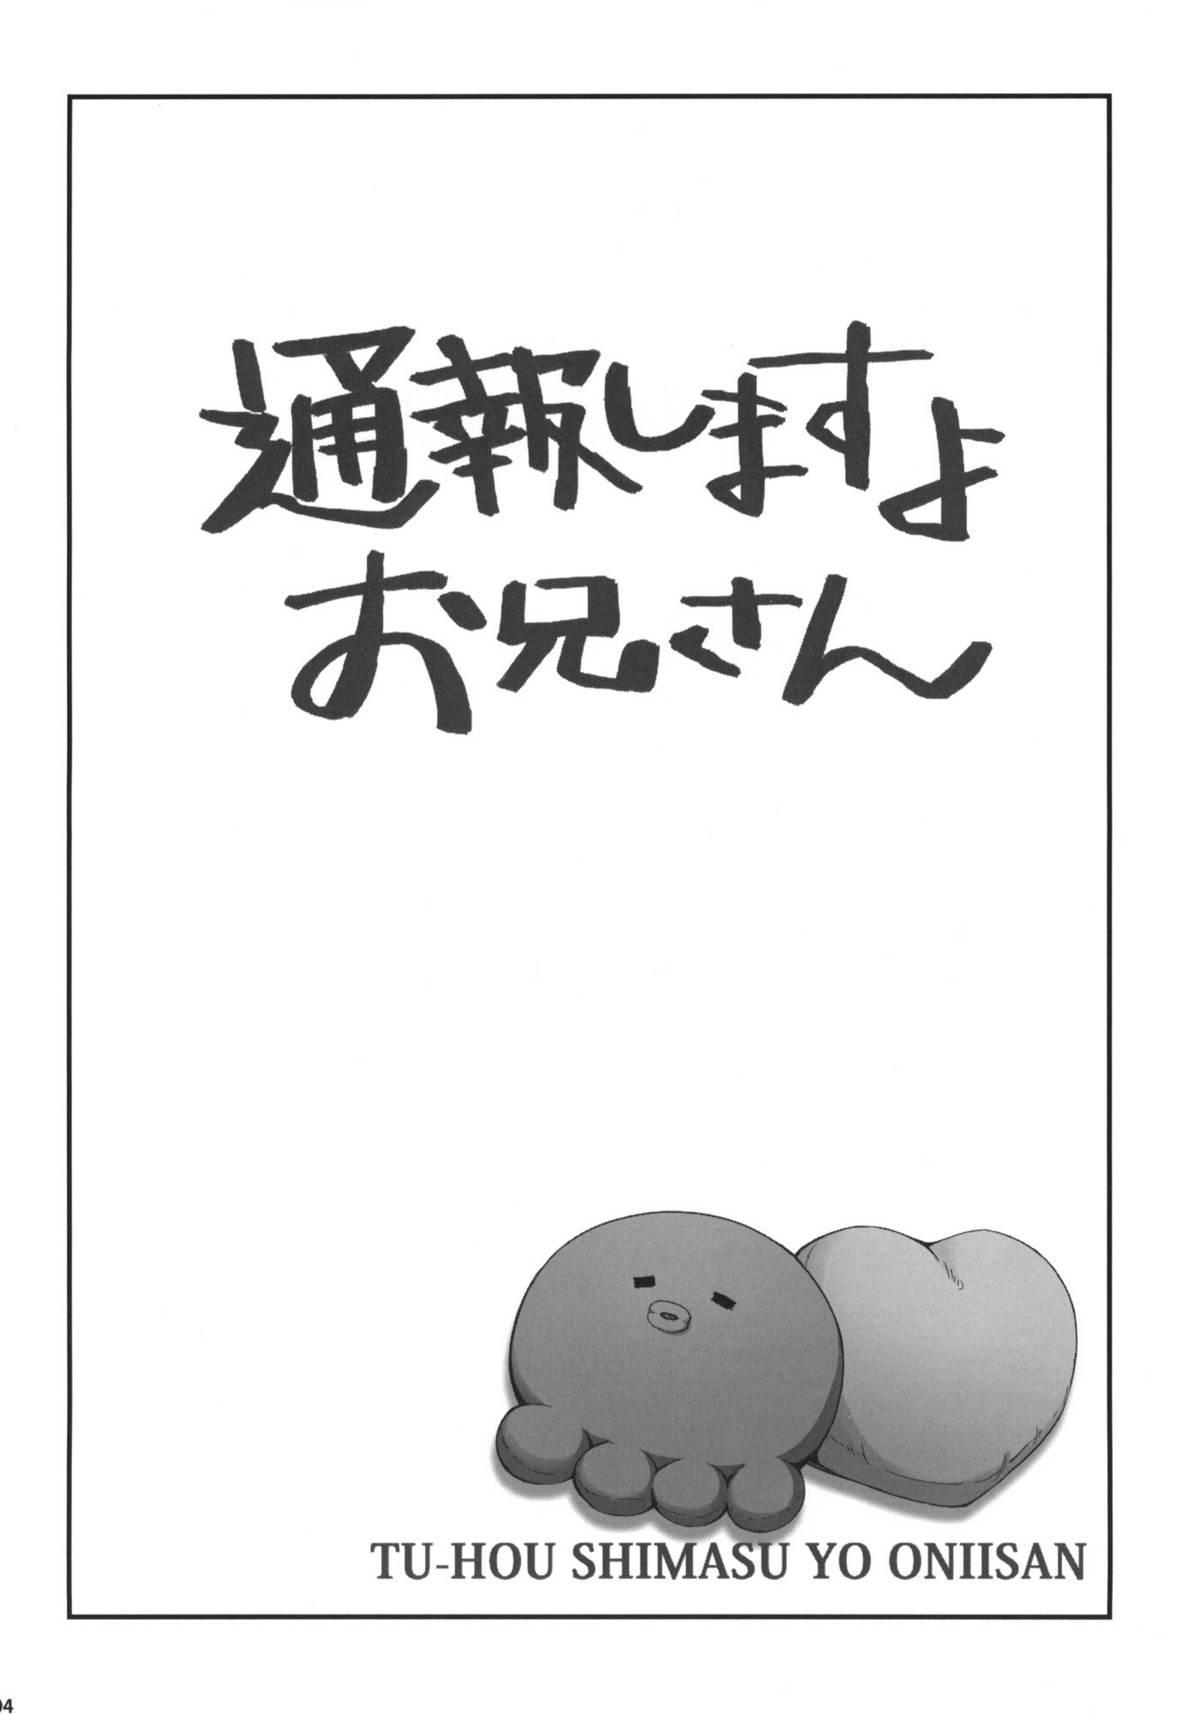 Tsuuhou Shimasuyo Oniisan 2